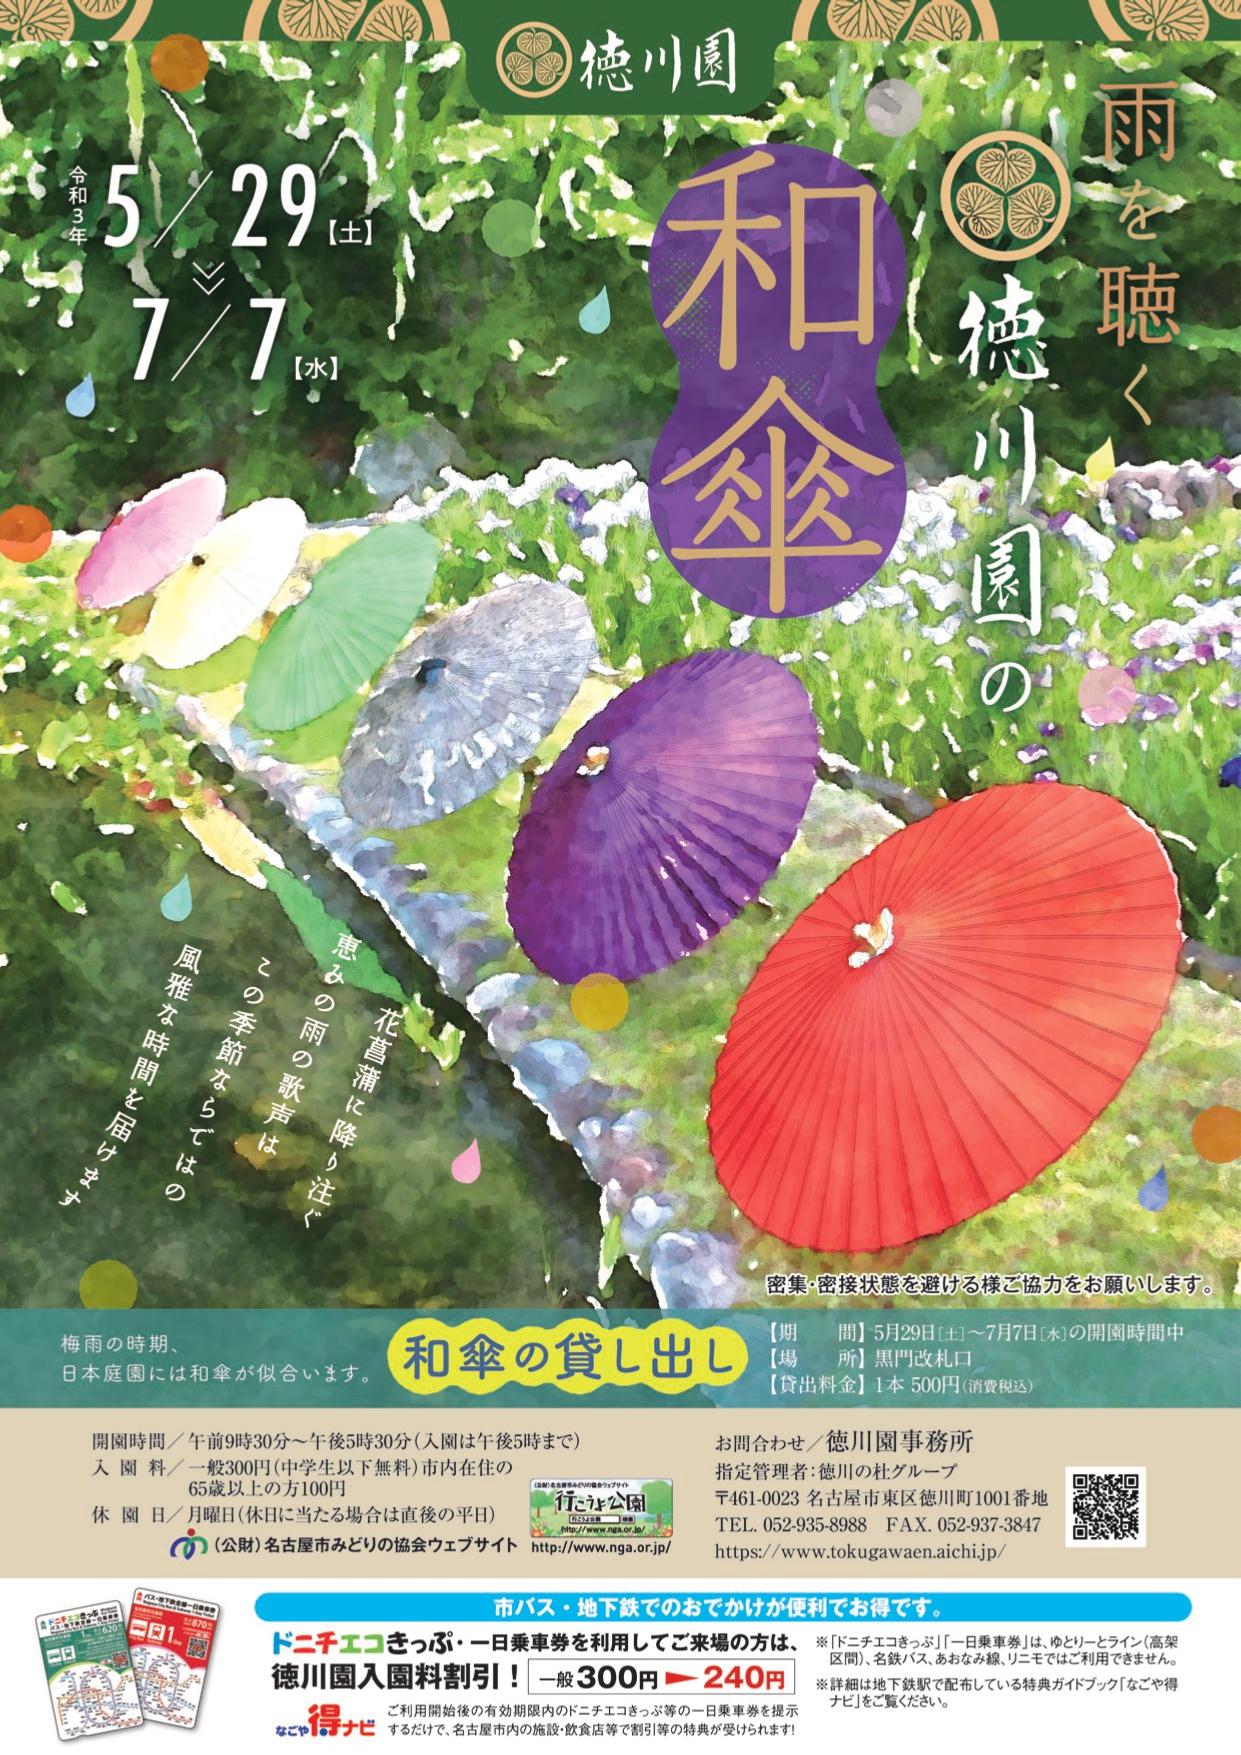 5/29-7/7 ~雨を聴く~「徳川園の和傘」①